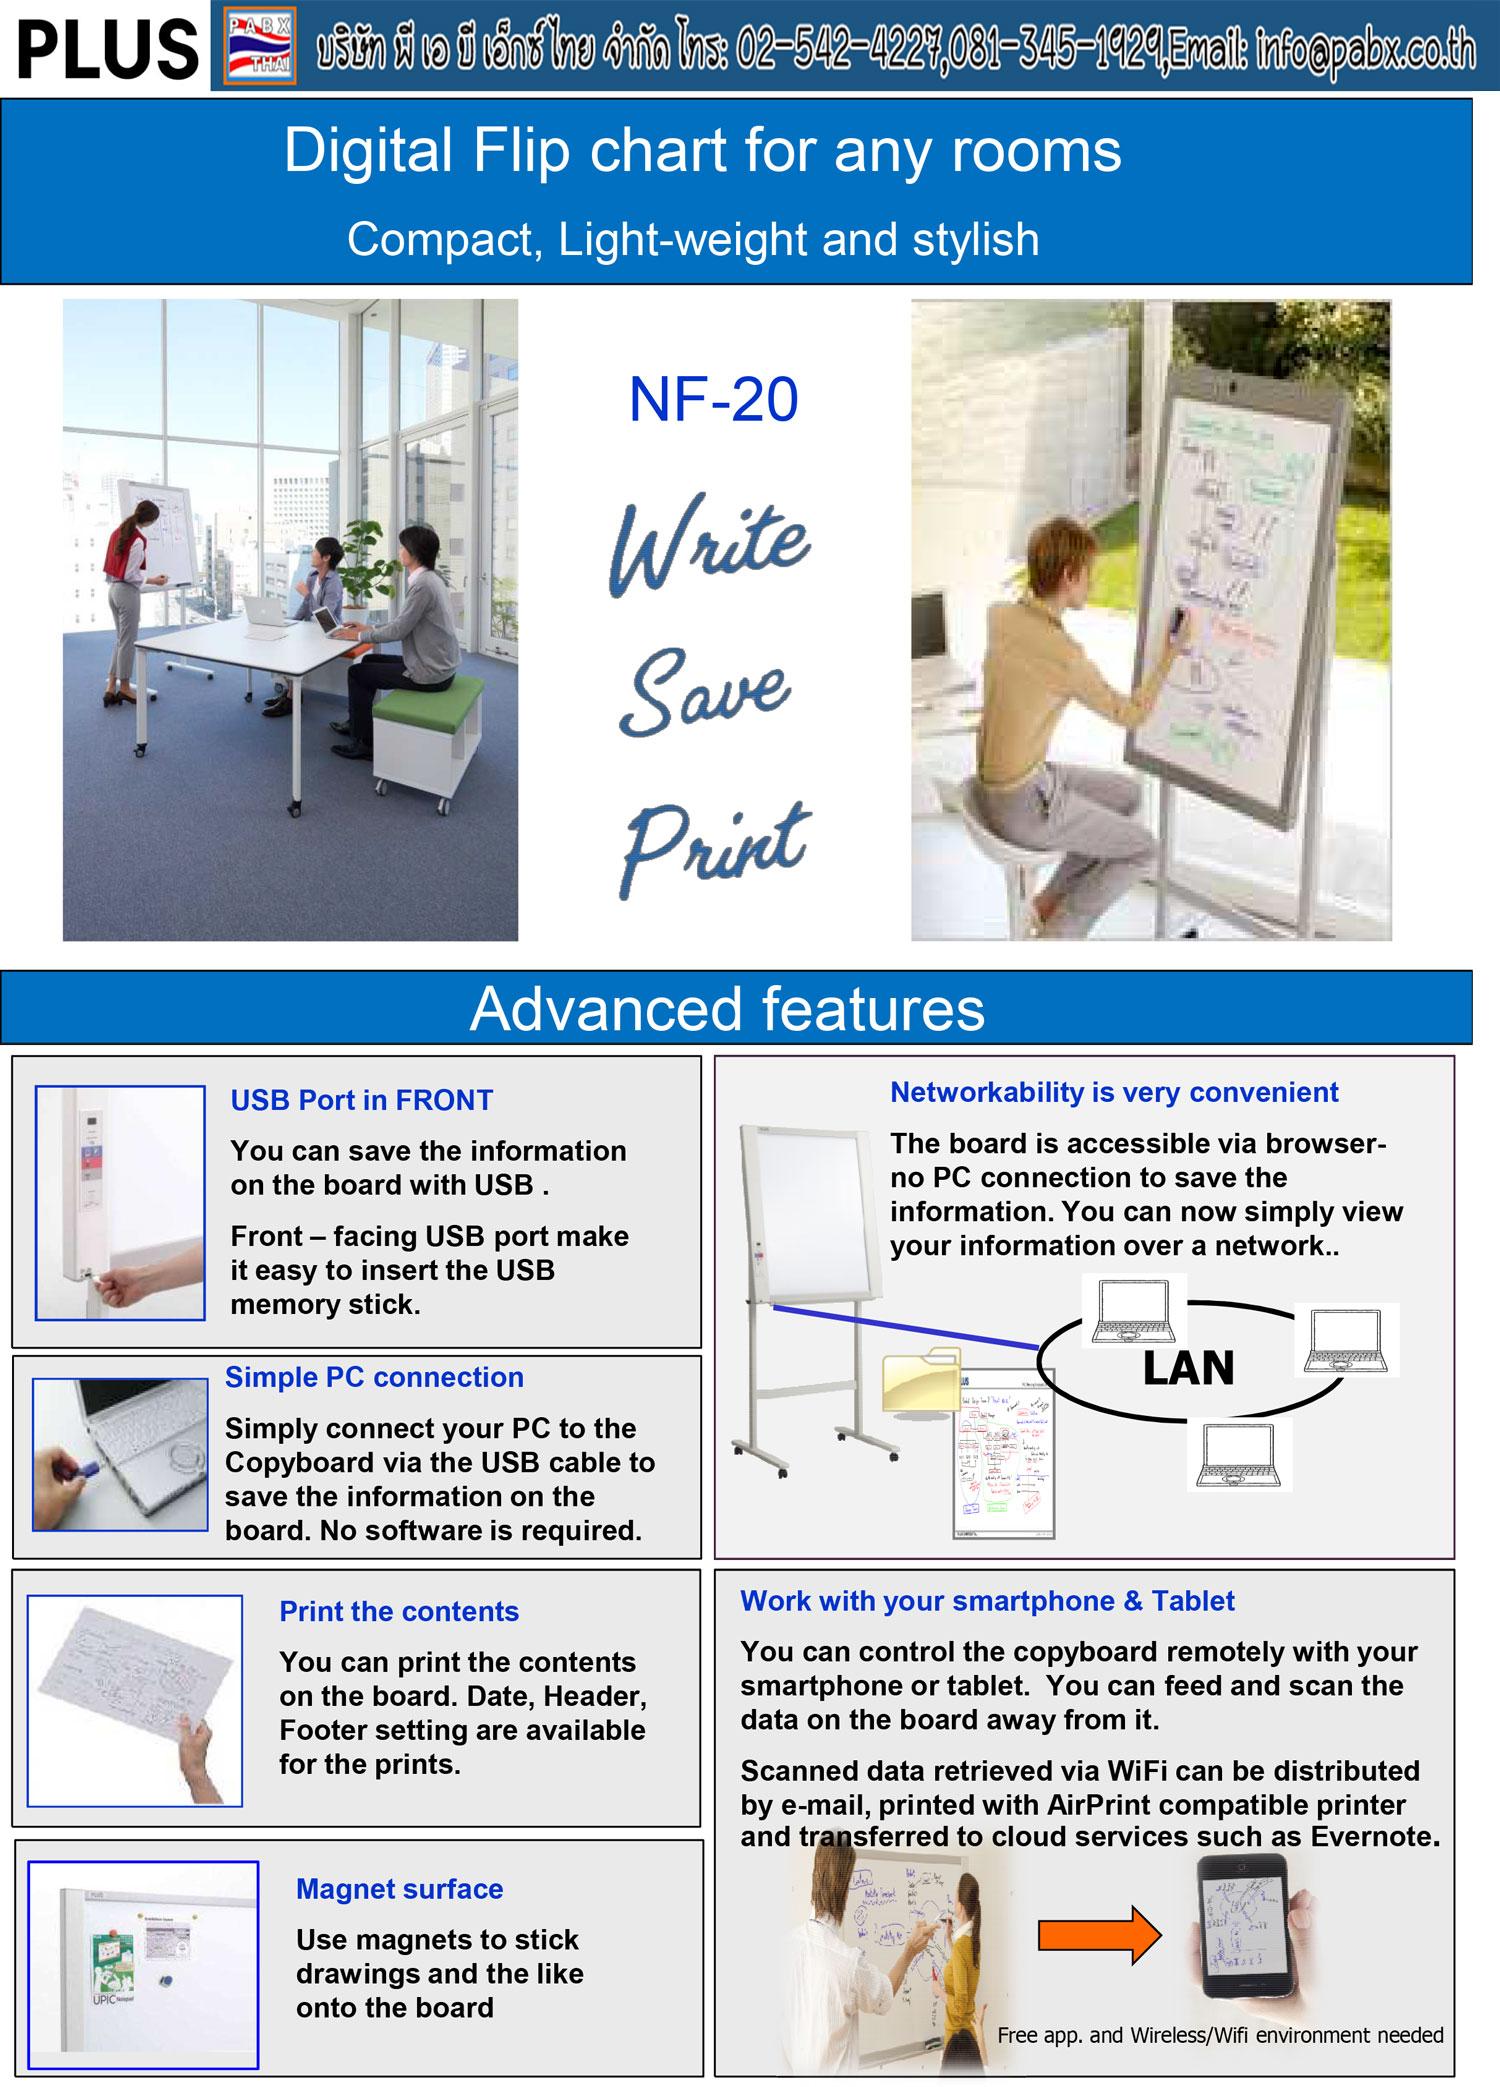 Plus NF-20  Electronic Copyboard Board กระดานอิเล็กทรอนิกส์อัจฉริยะ